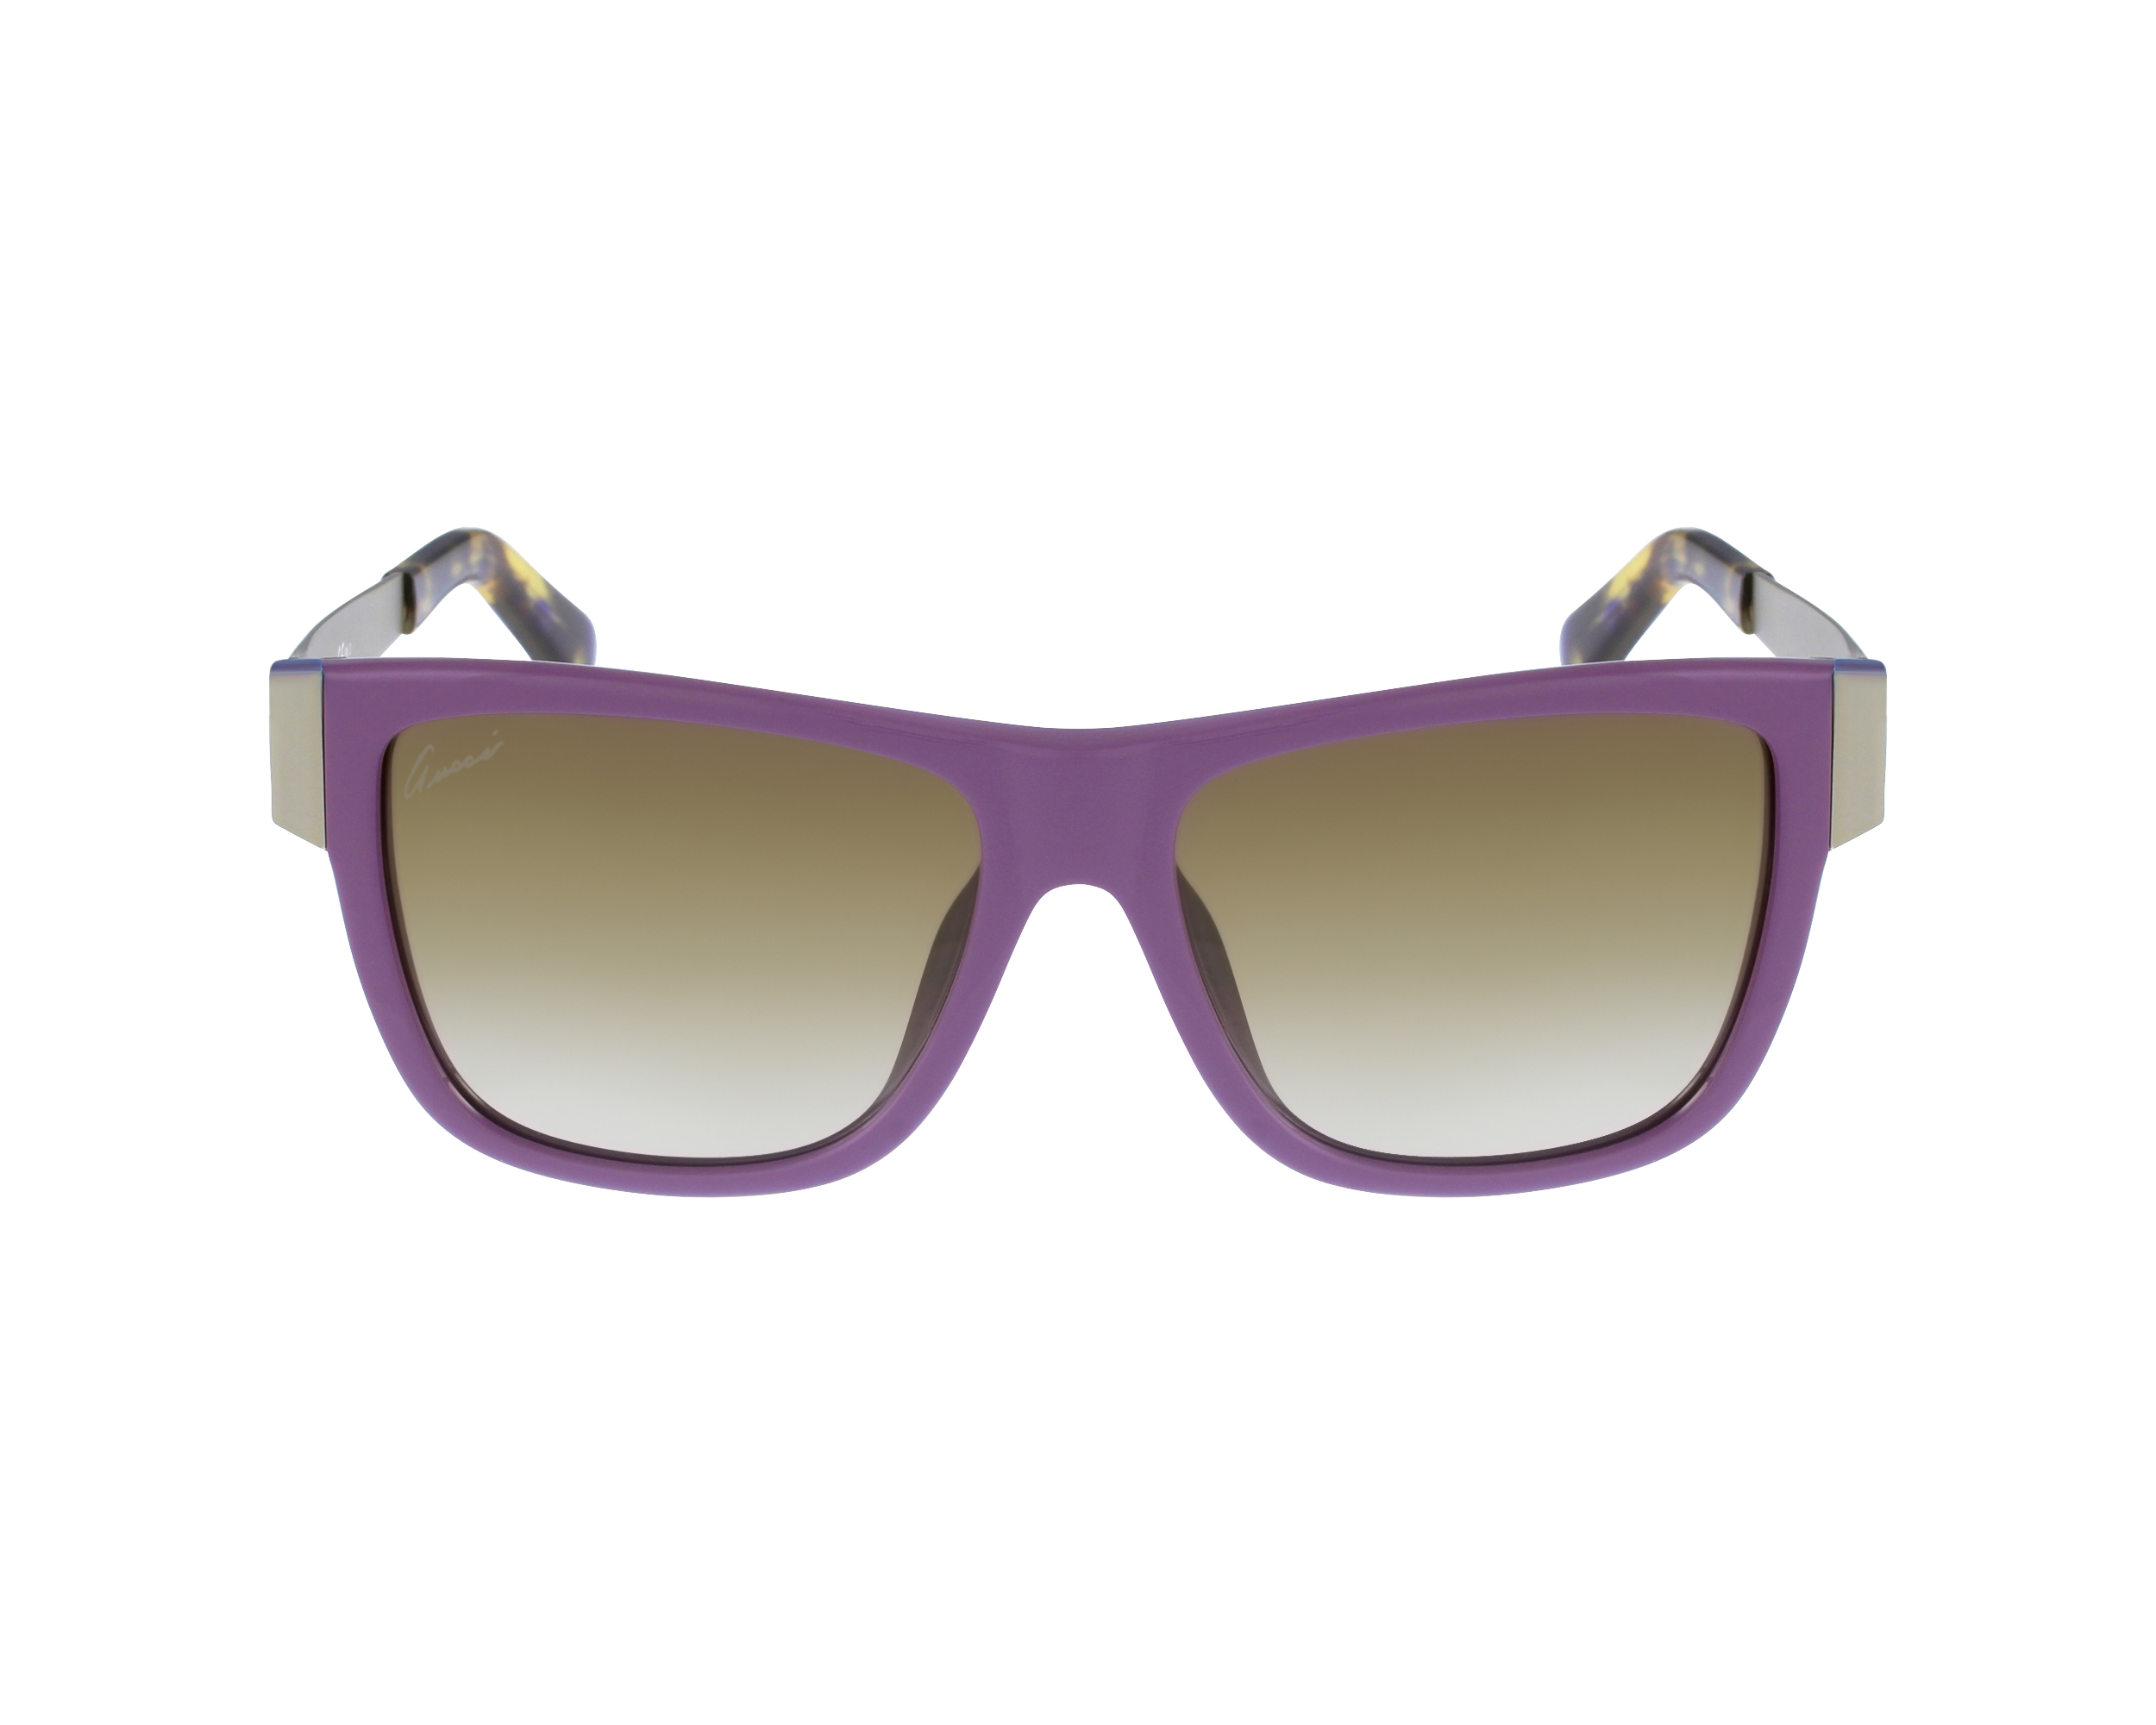 Gucci Sonnenbrille 3718/S 6Y (54 mm) flieder 3Vekx